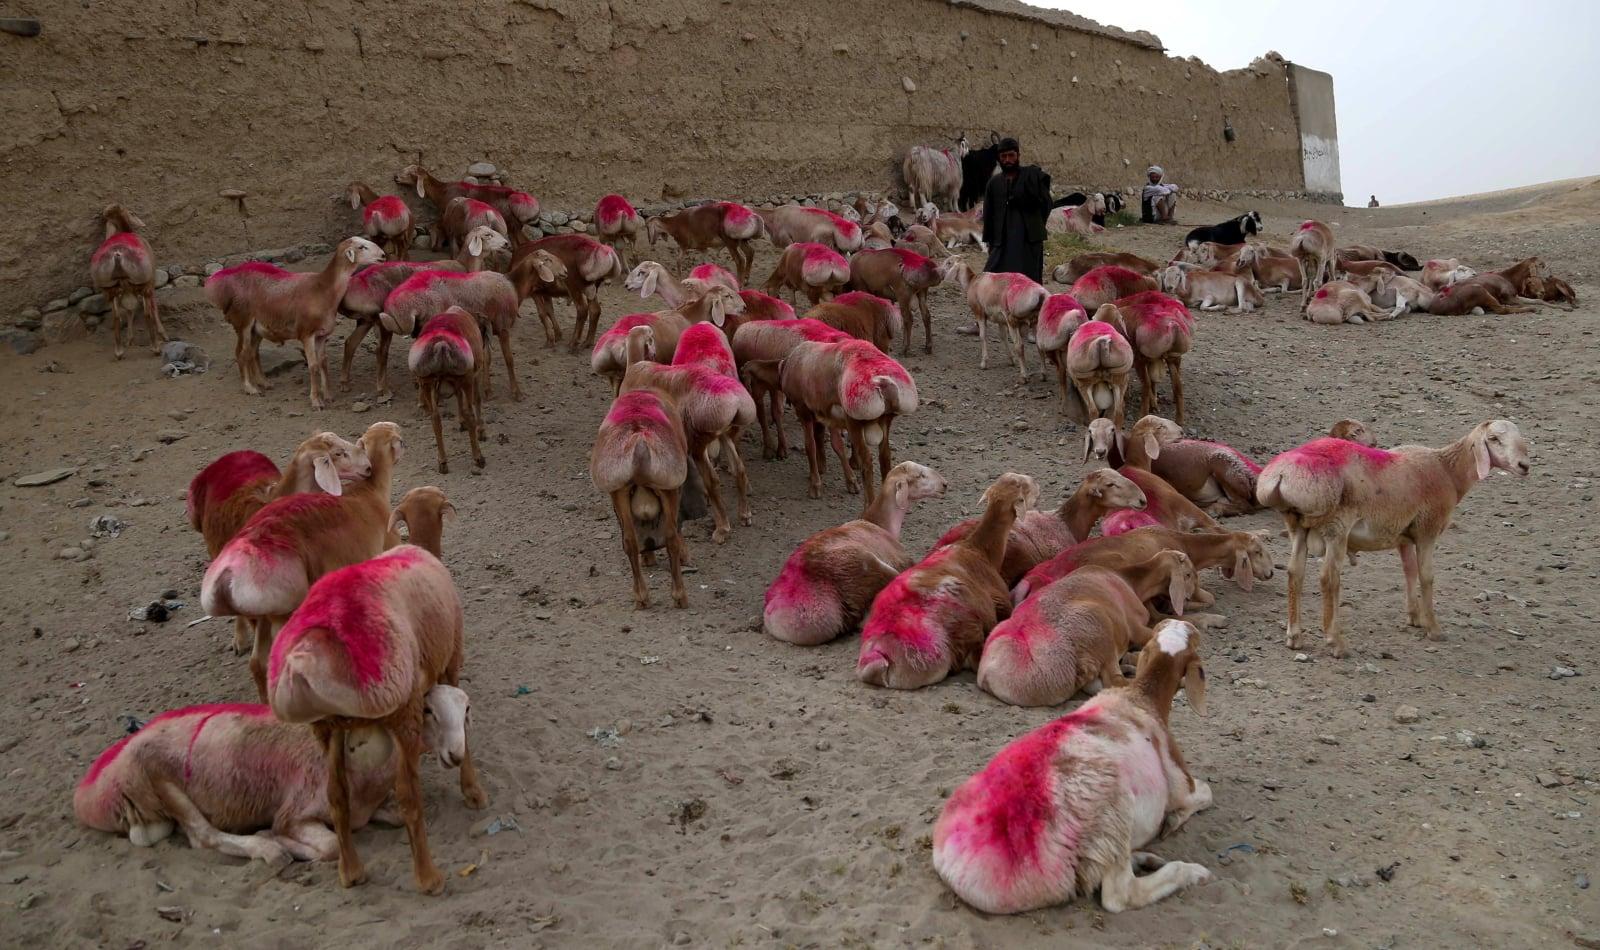 Zwierzęta sprzedawane są na ofiarę na święto Id al-Adha. Fot. PAP/EPA/GHULAMULLAH HABIBI